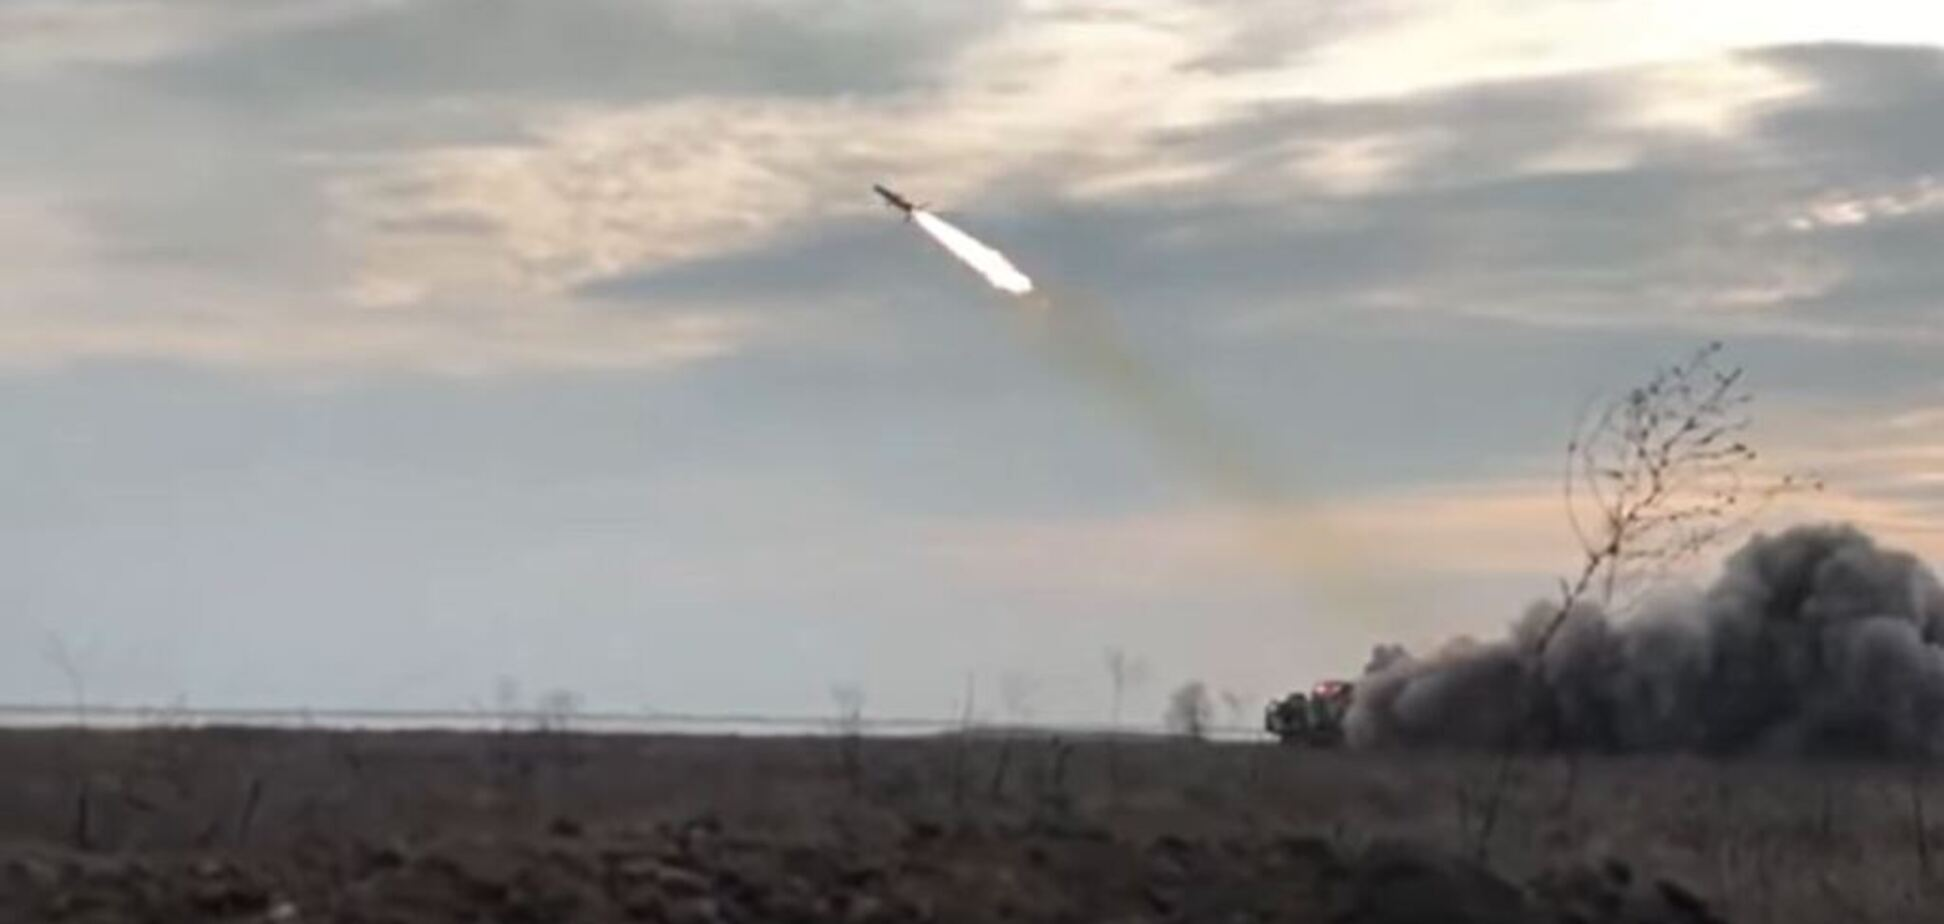 Б'є на 280 км: в Україні вперше випробували смертоносну ракету 'Нептун'. Відео